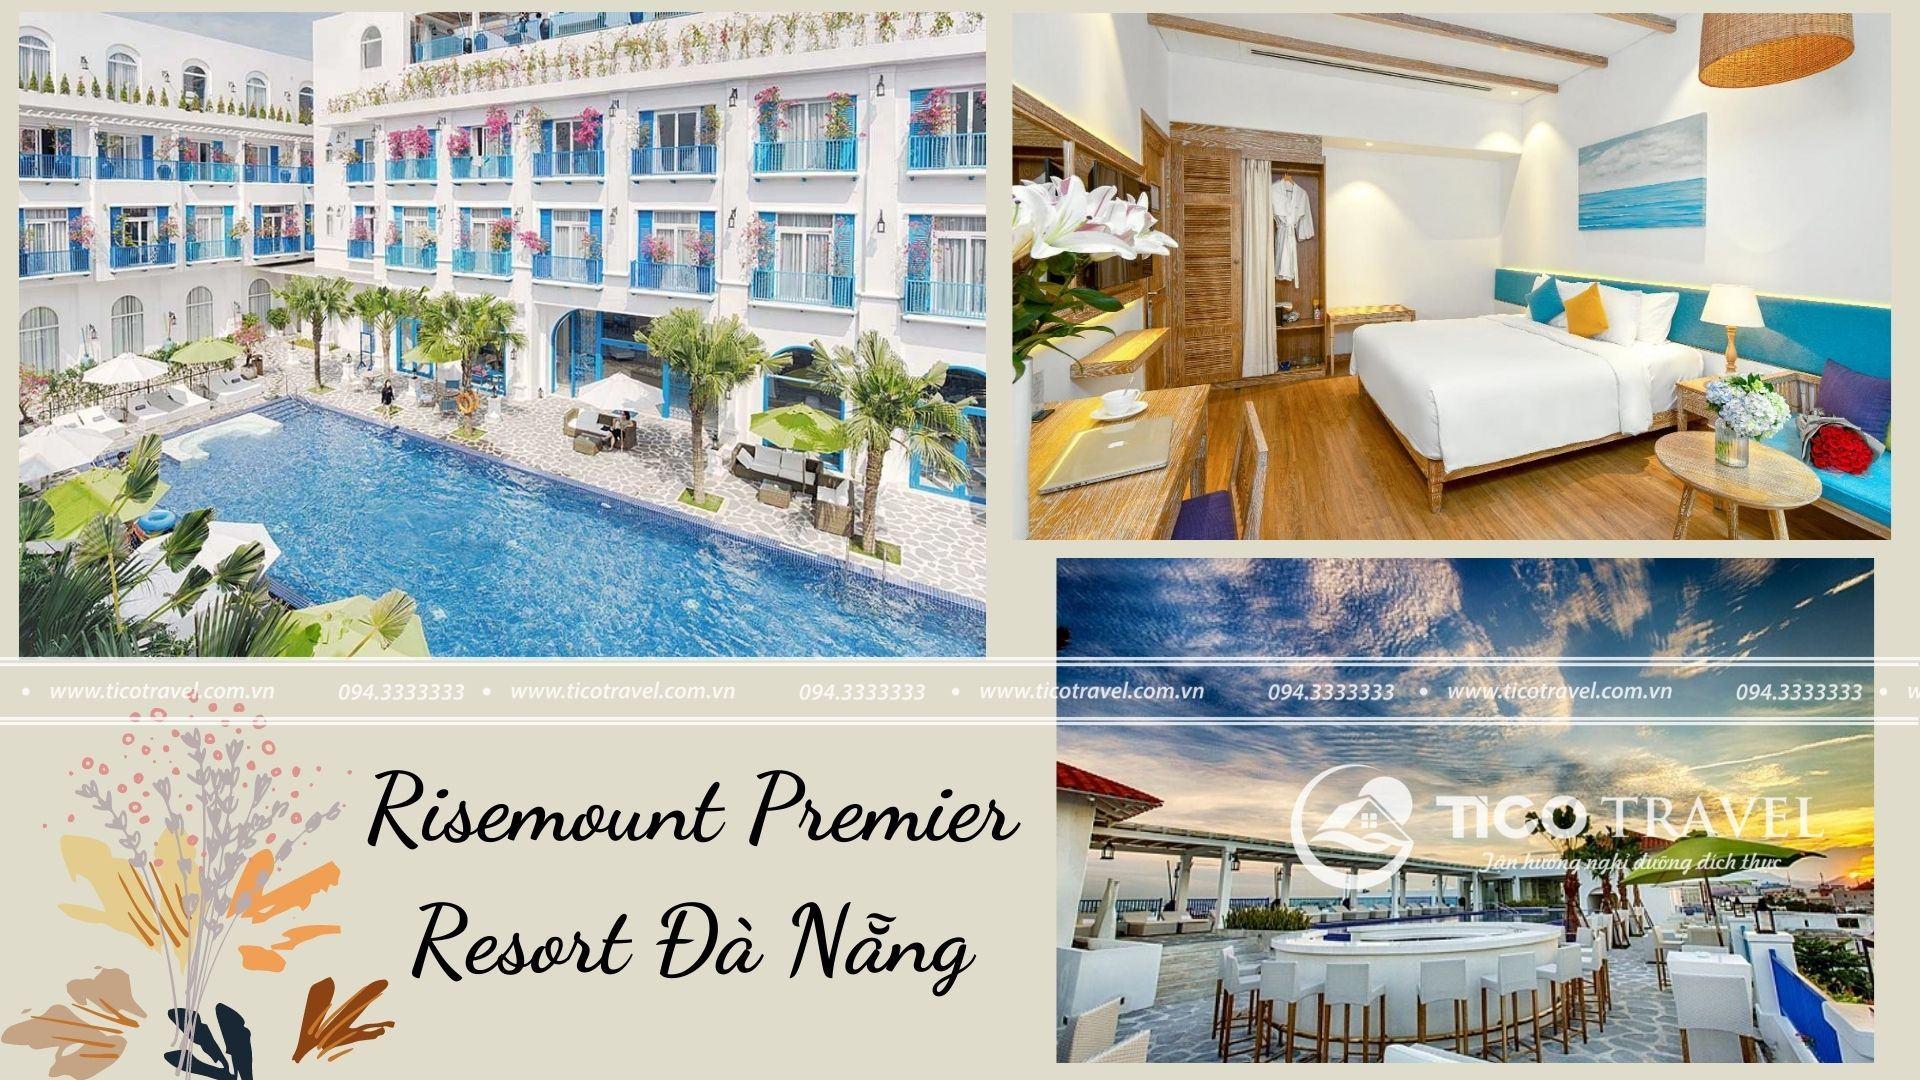 Ảnh chụp toàn cảnh tại Risemount Premier Resort Đà Nẵng